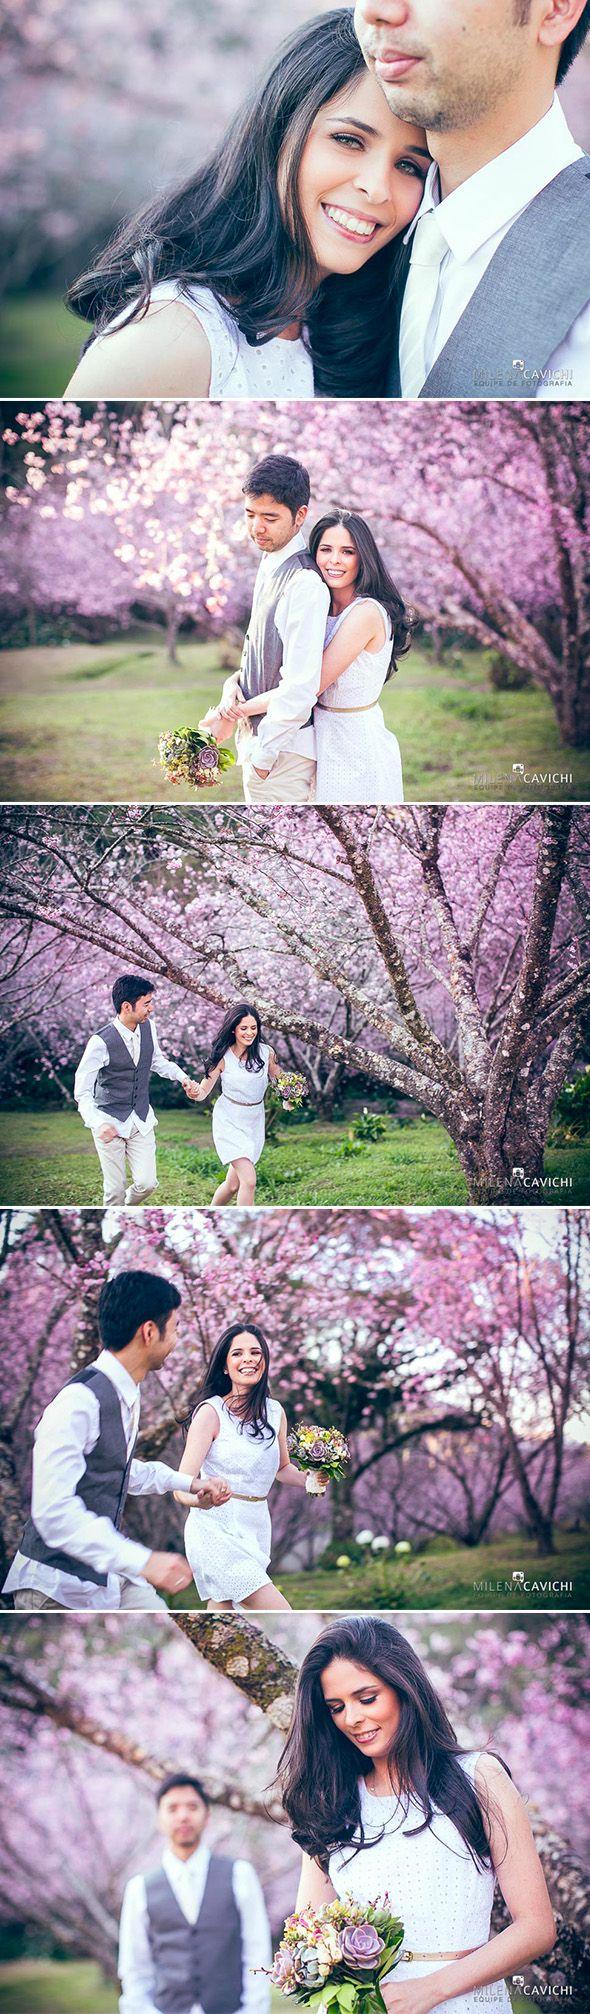 Ensaios | Pré-Wedding Cerejeiras | Les Divas